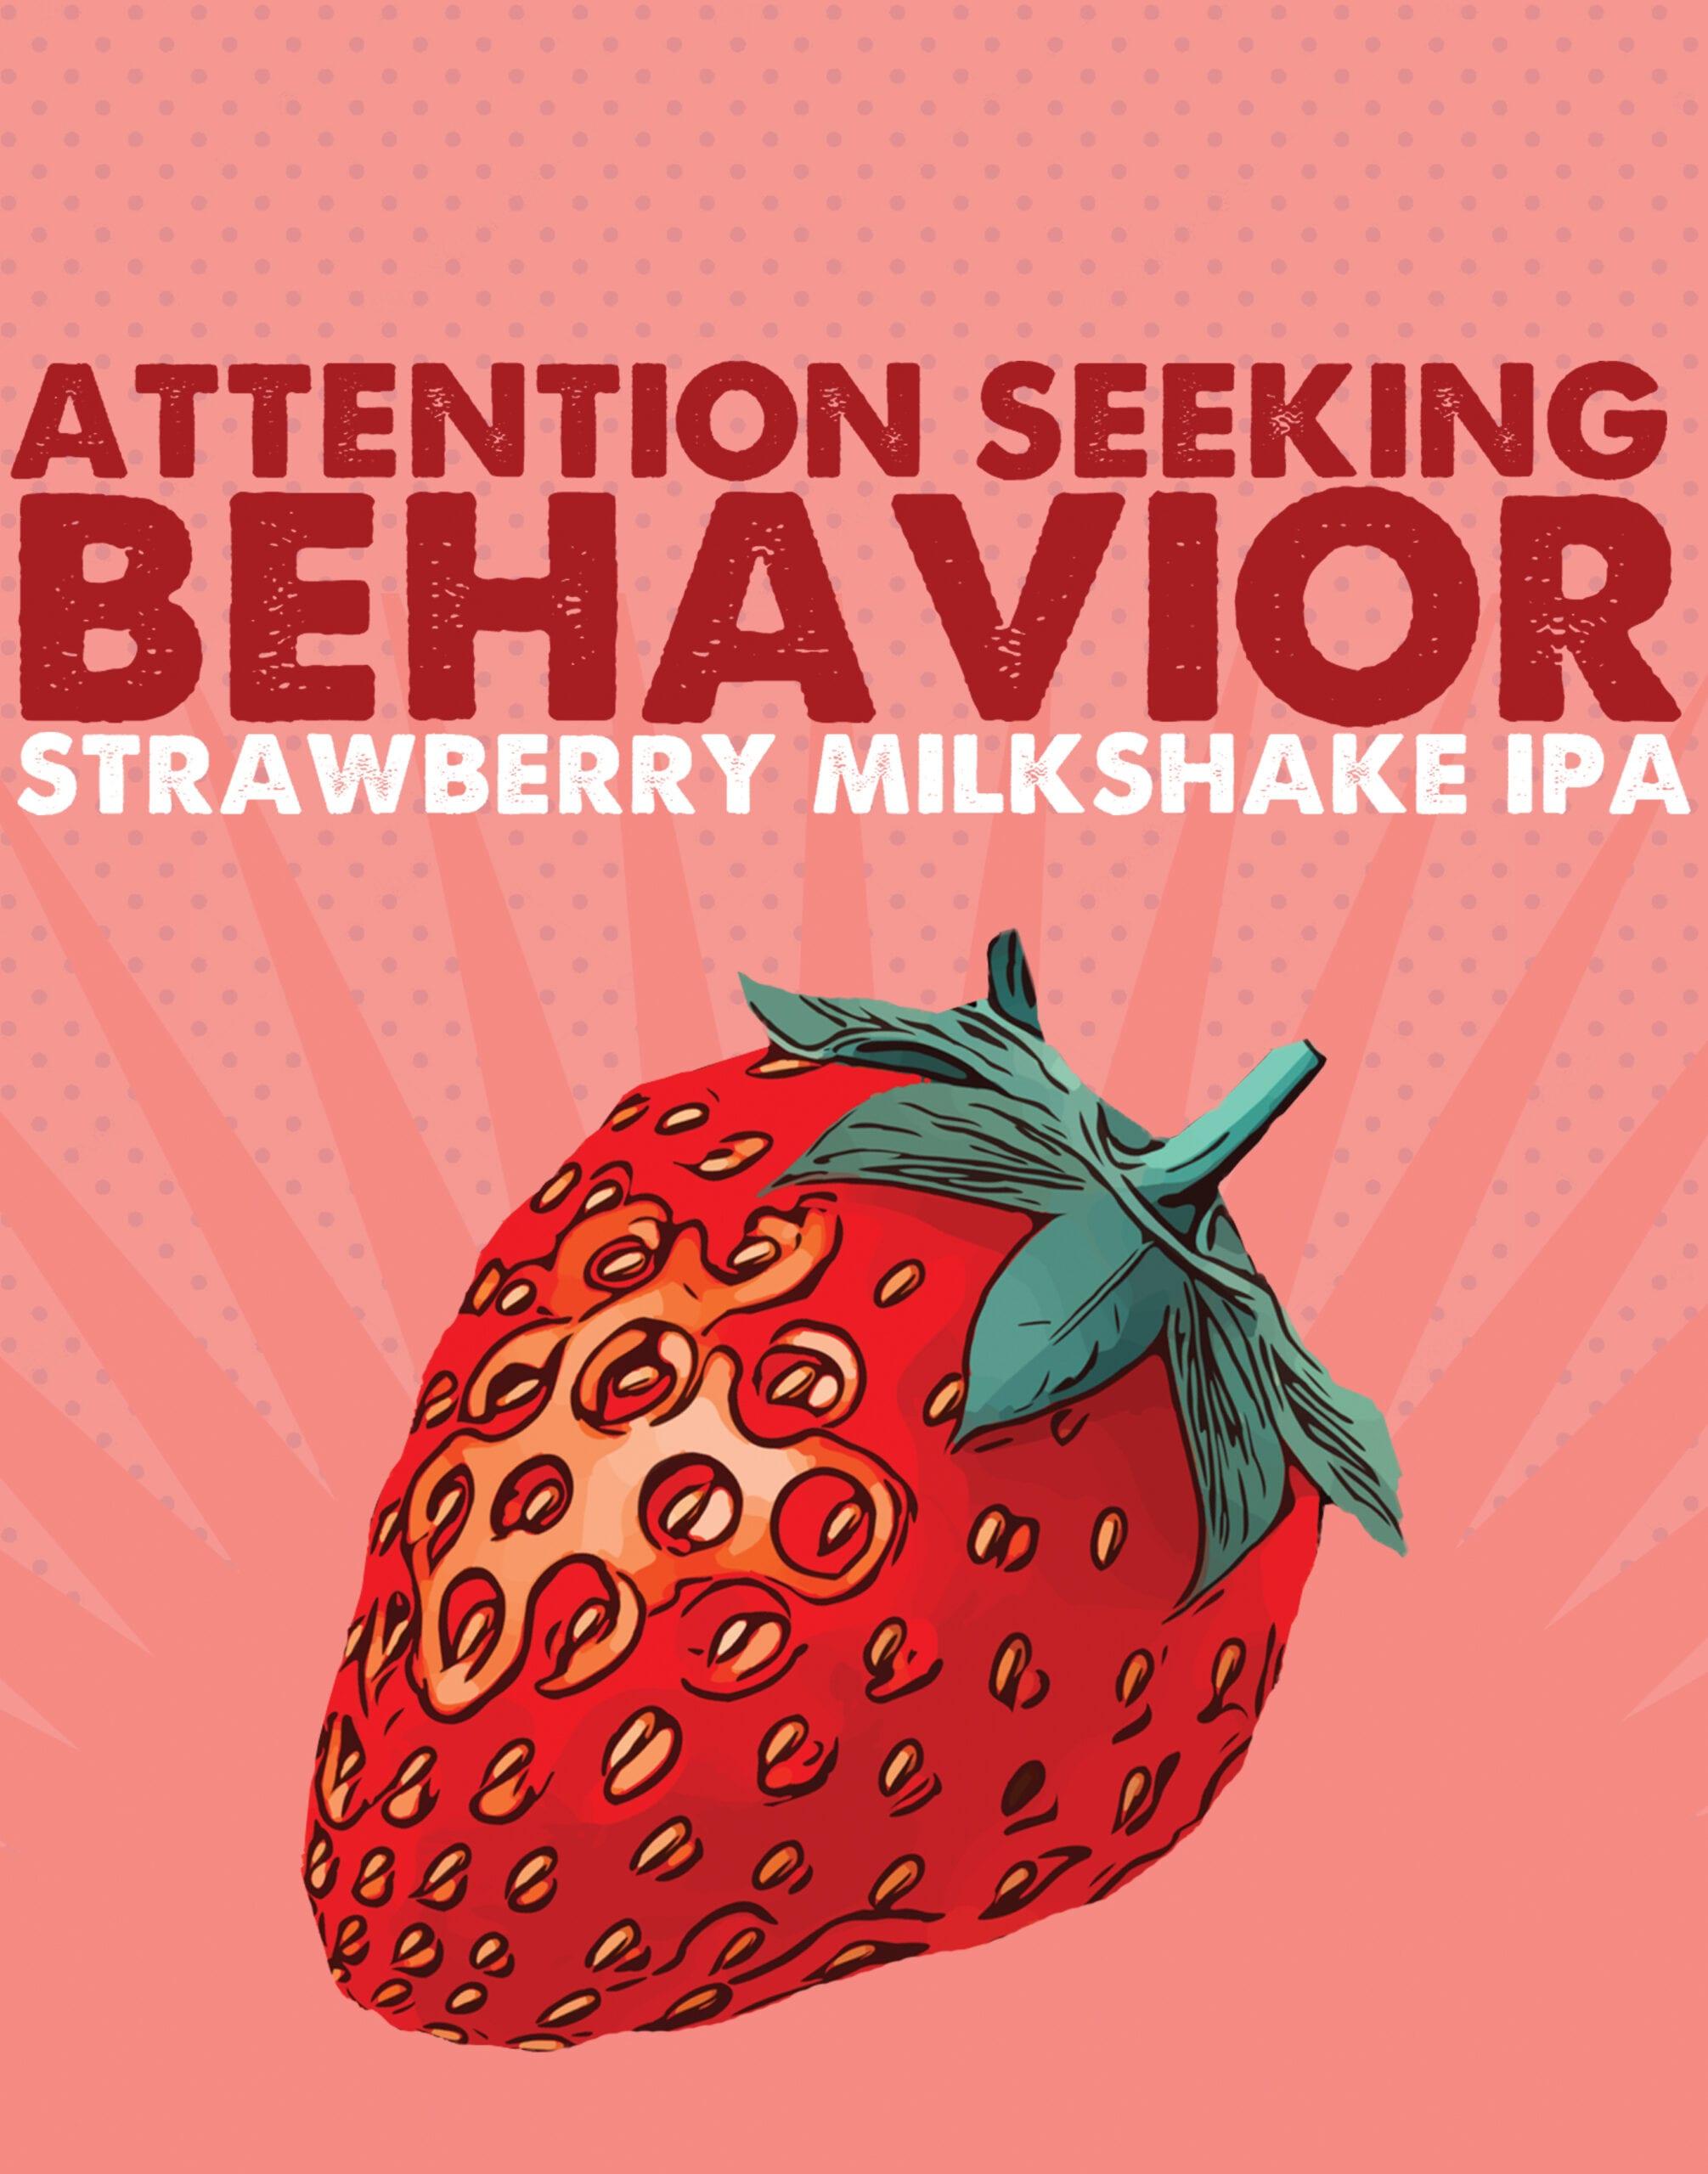 Attention Seeking Behavior